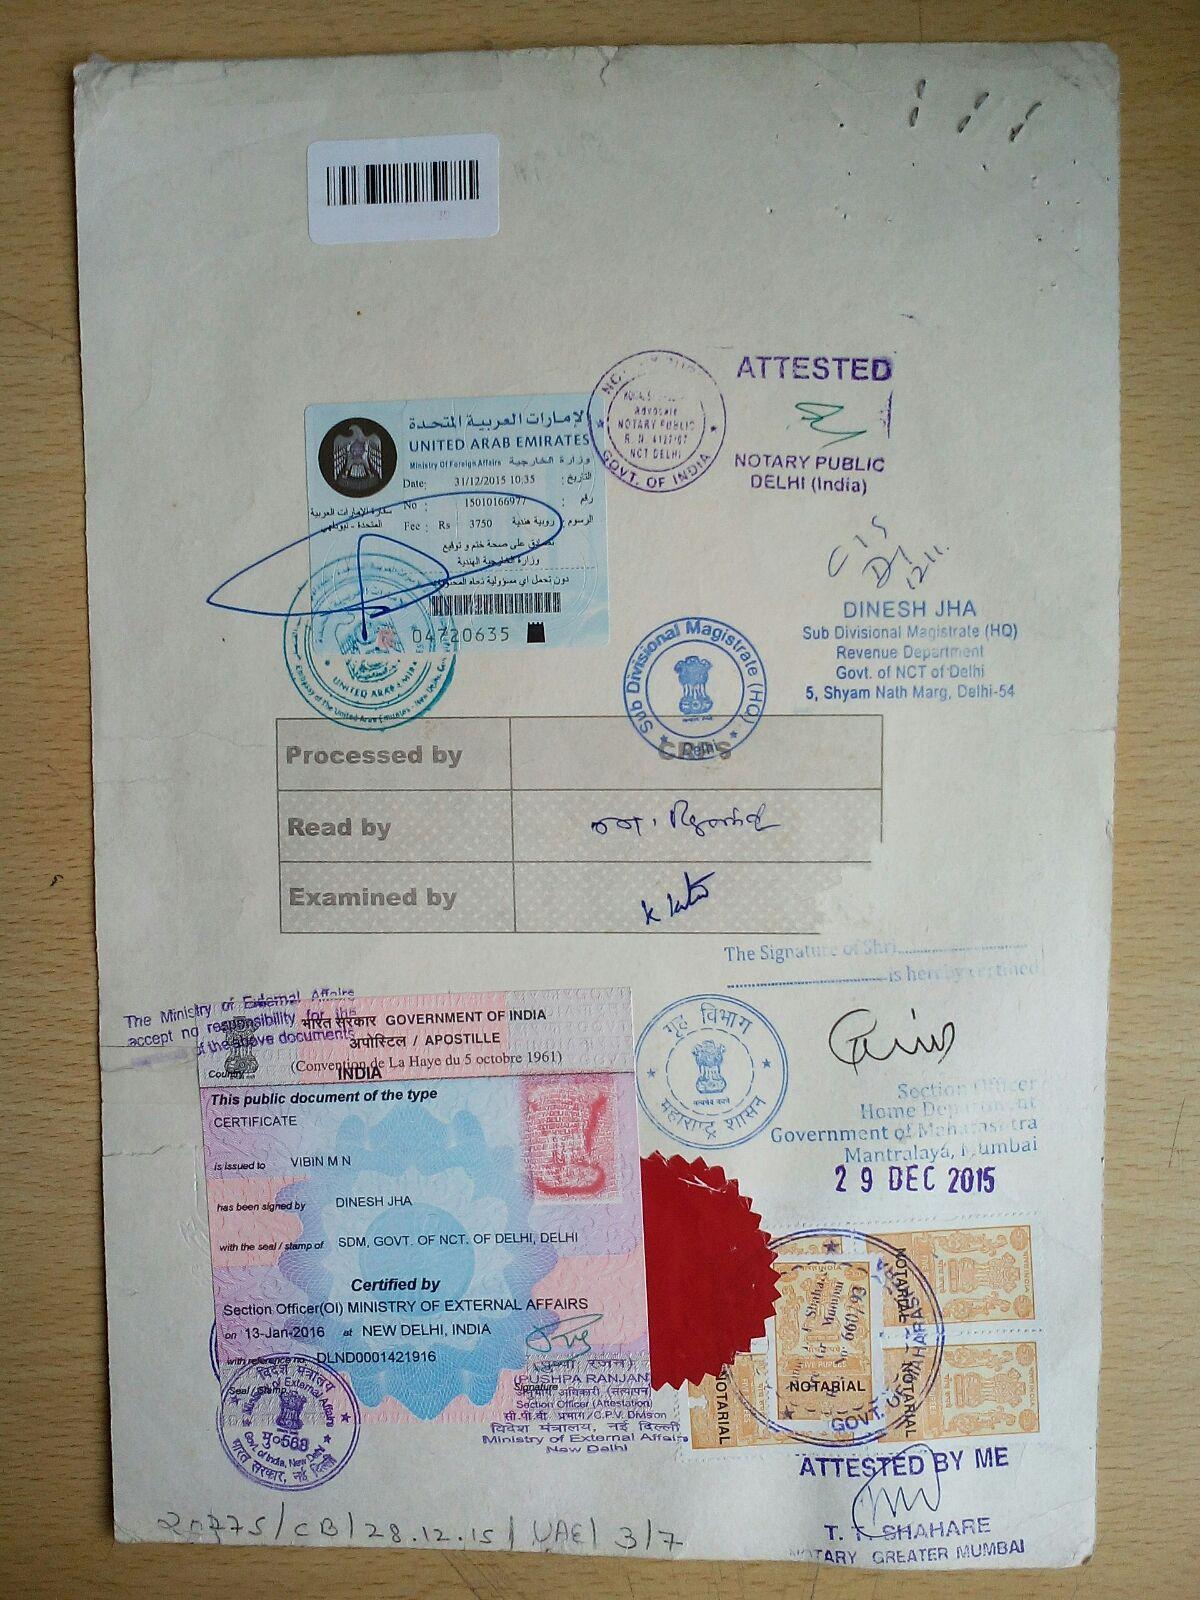 Certificate Apostille Attestation Samples